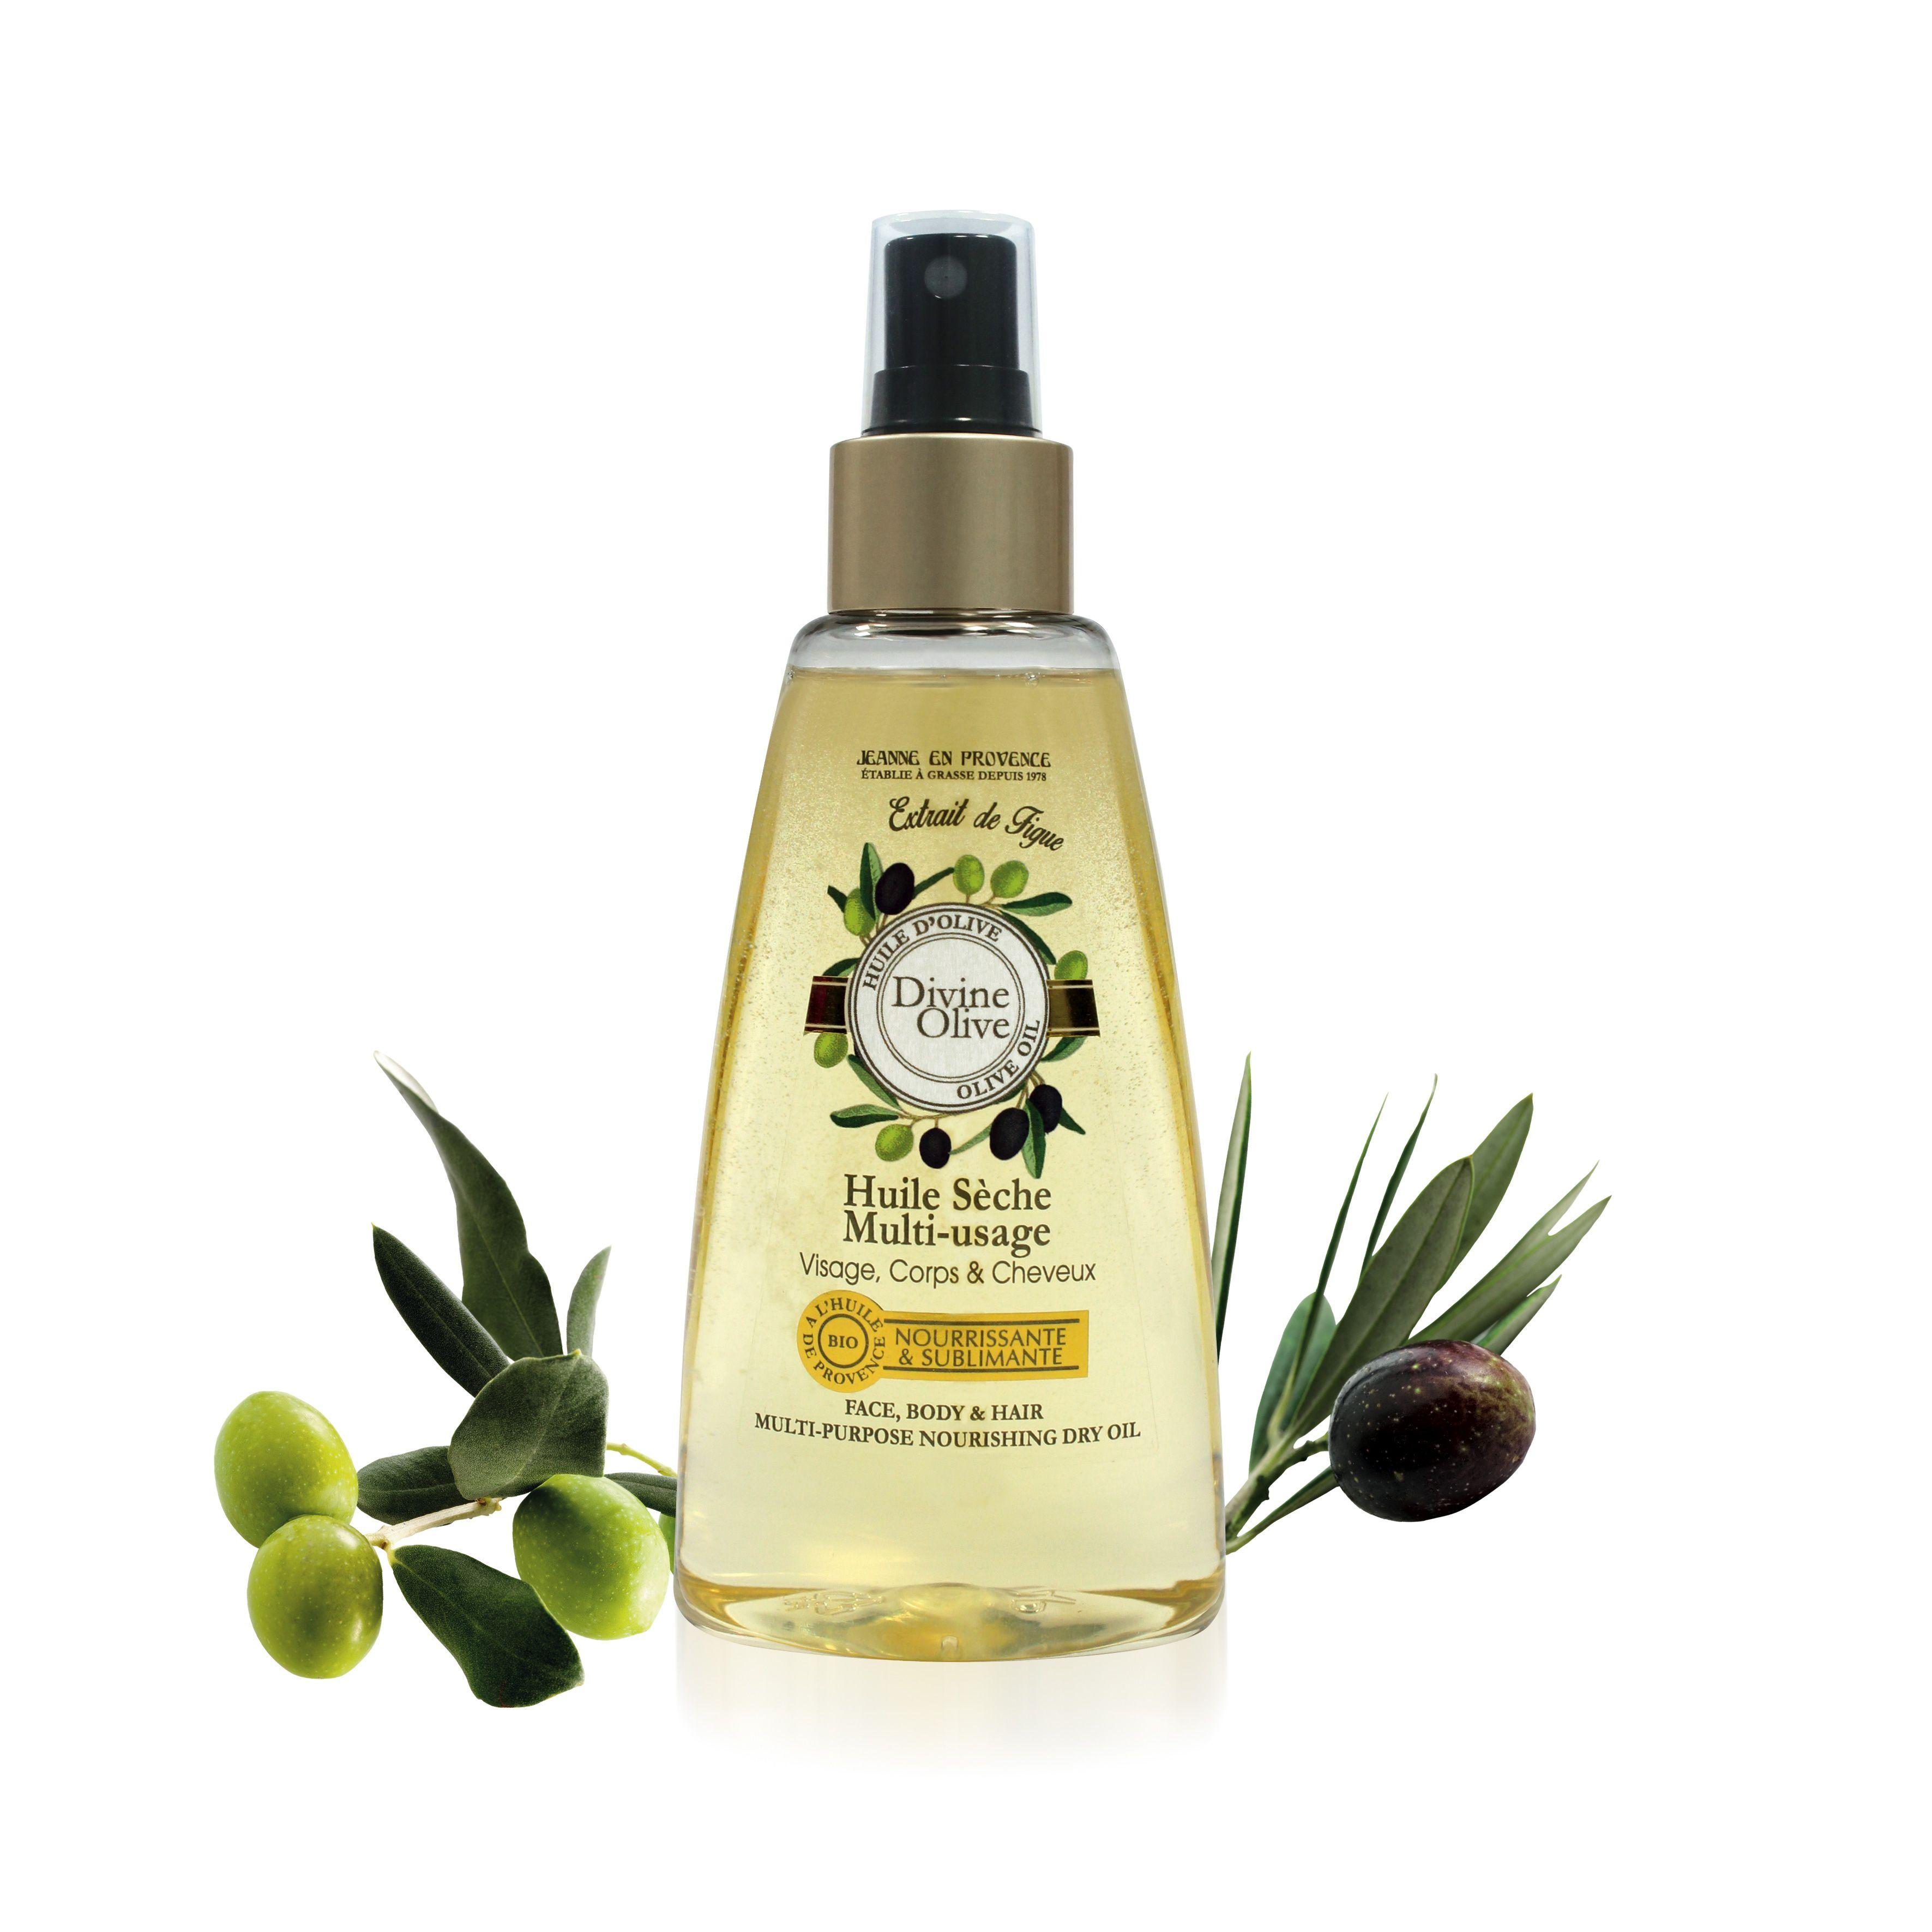 l huile s che divine olive est une huile multi usage pour le visage le corps et les cheveux. Black Bedroom Furniture Sets. Home Design Ideas